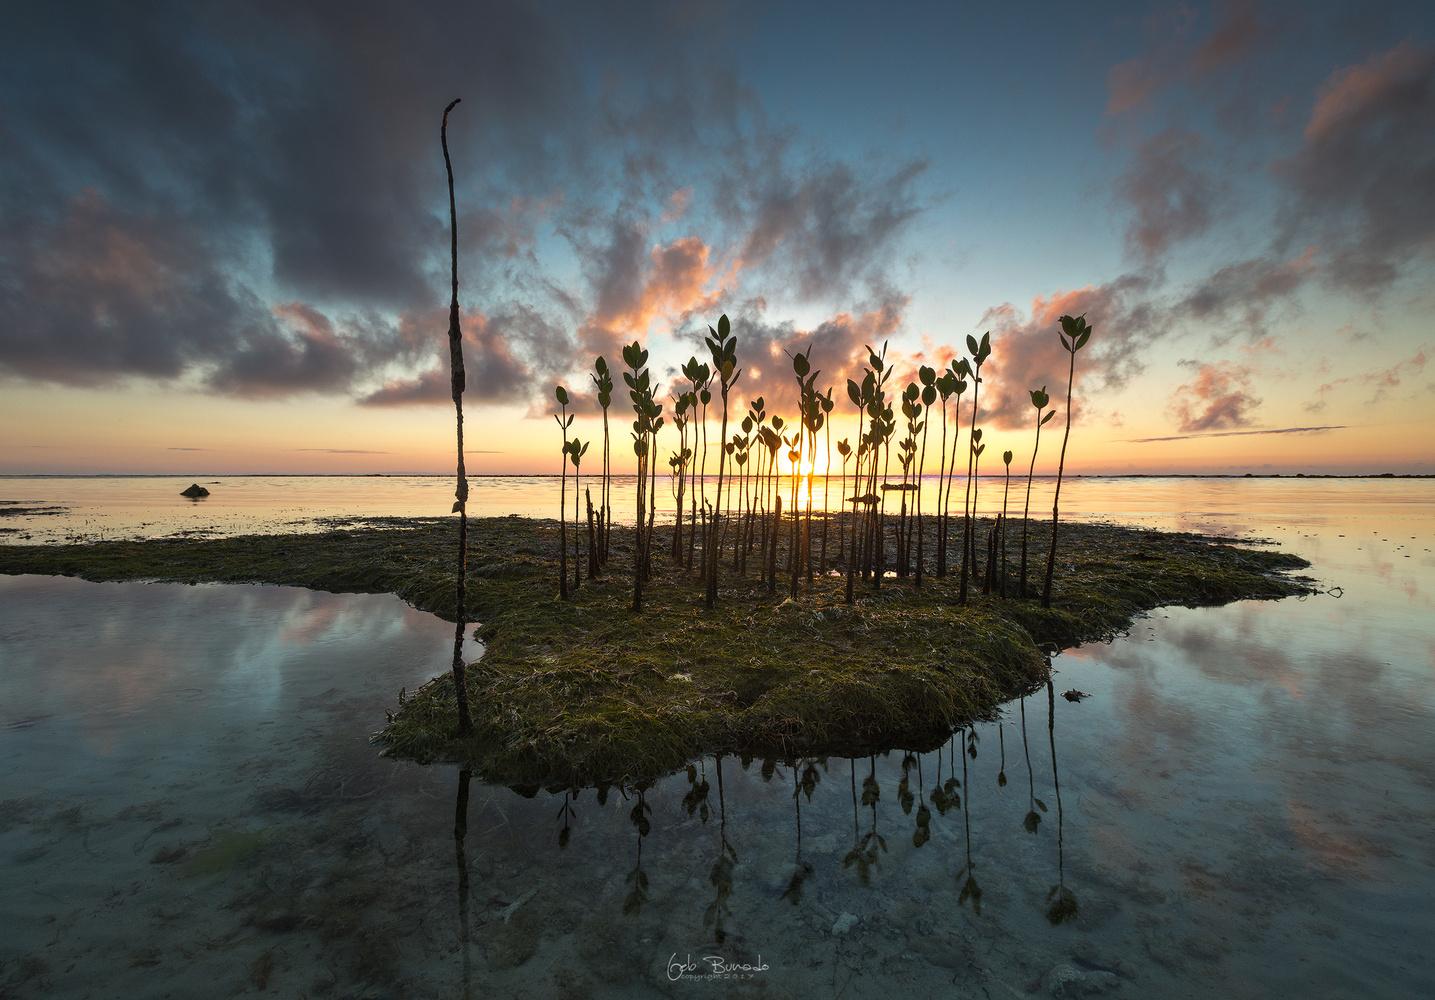 Island by Geb Bunado